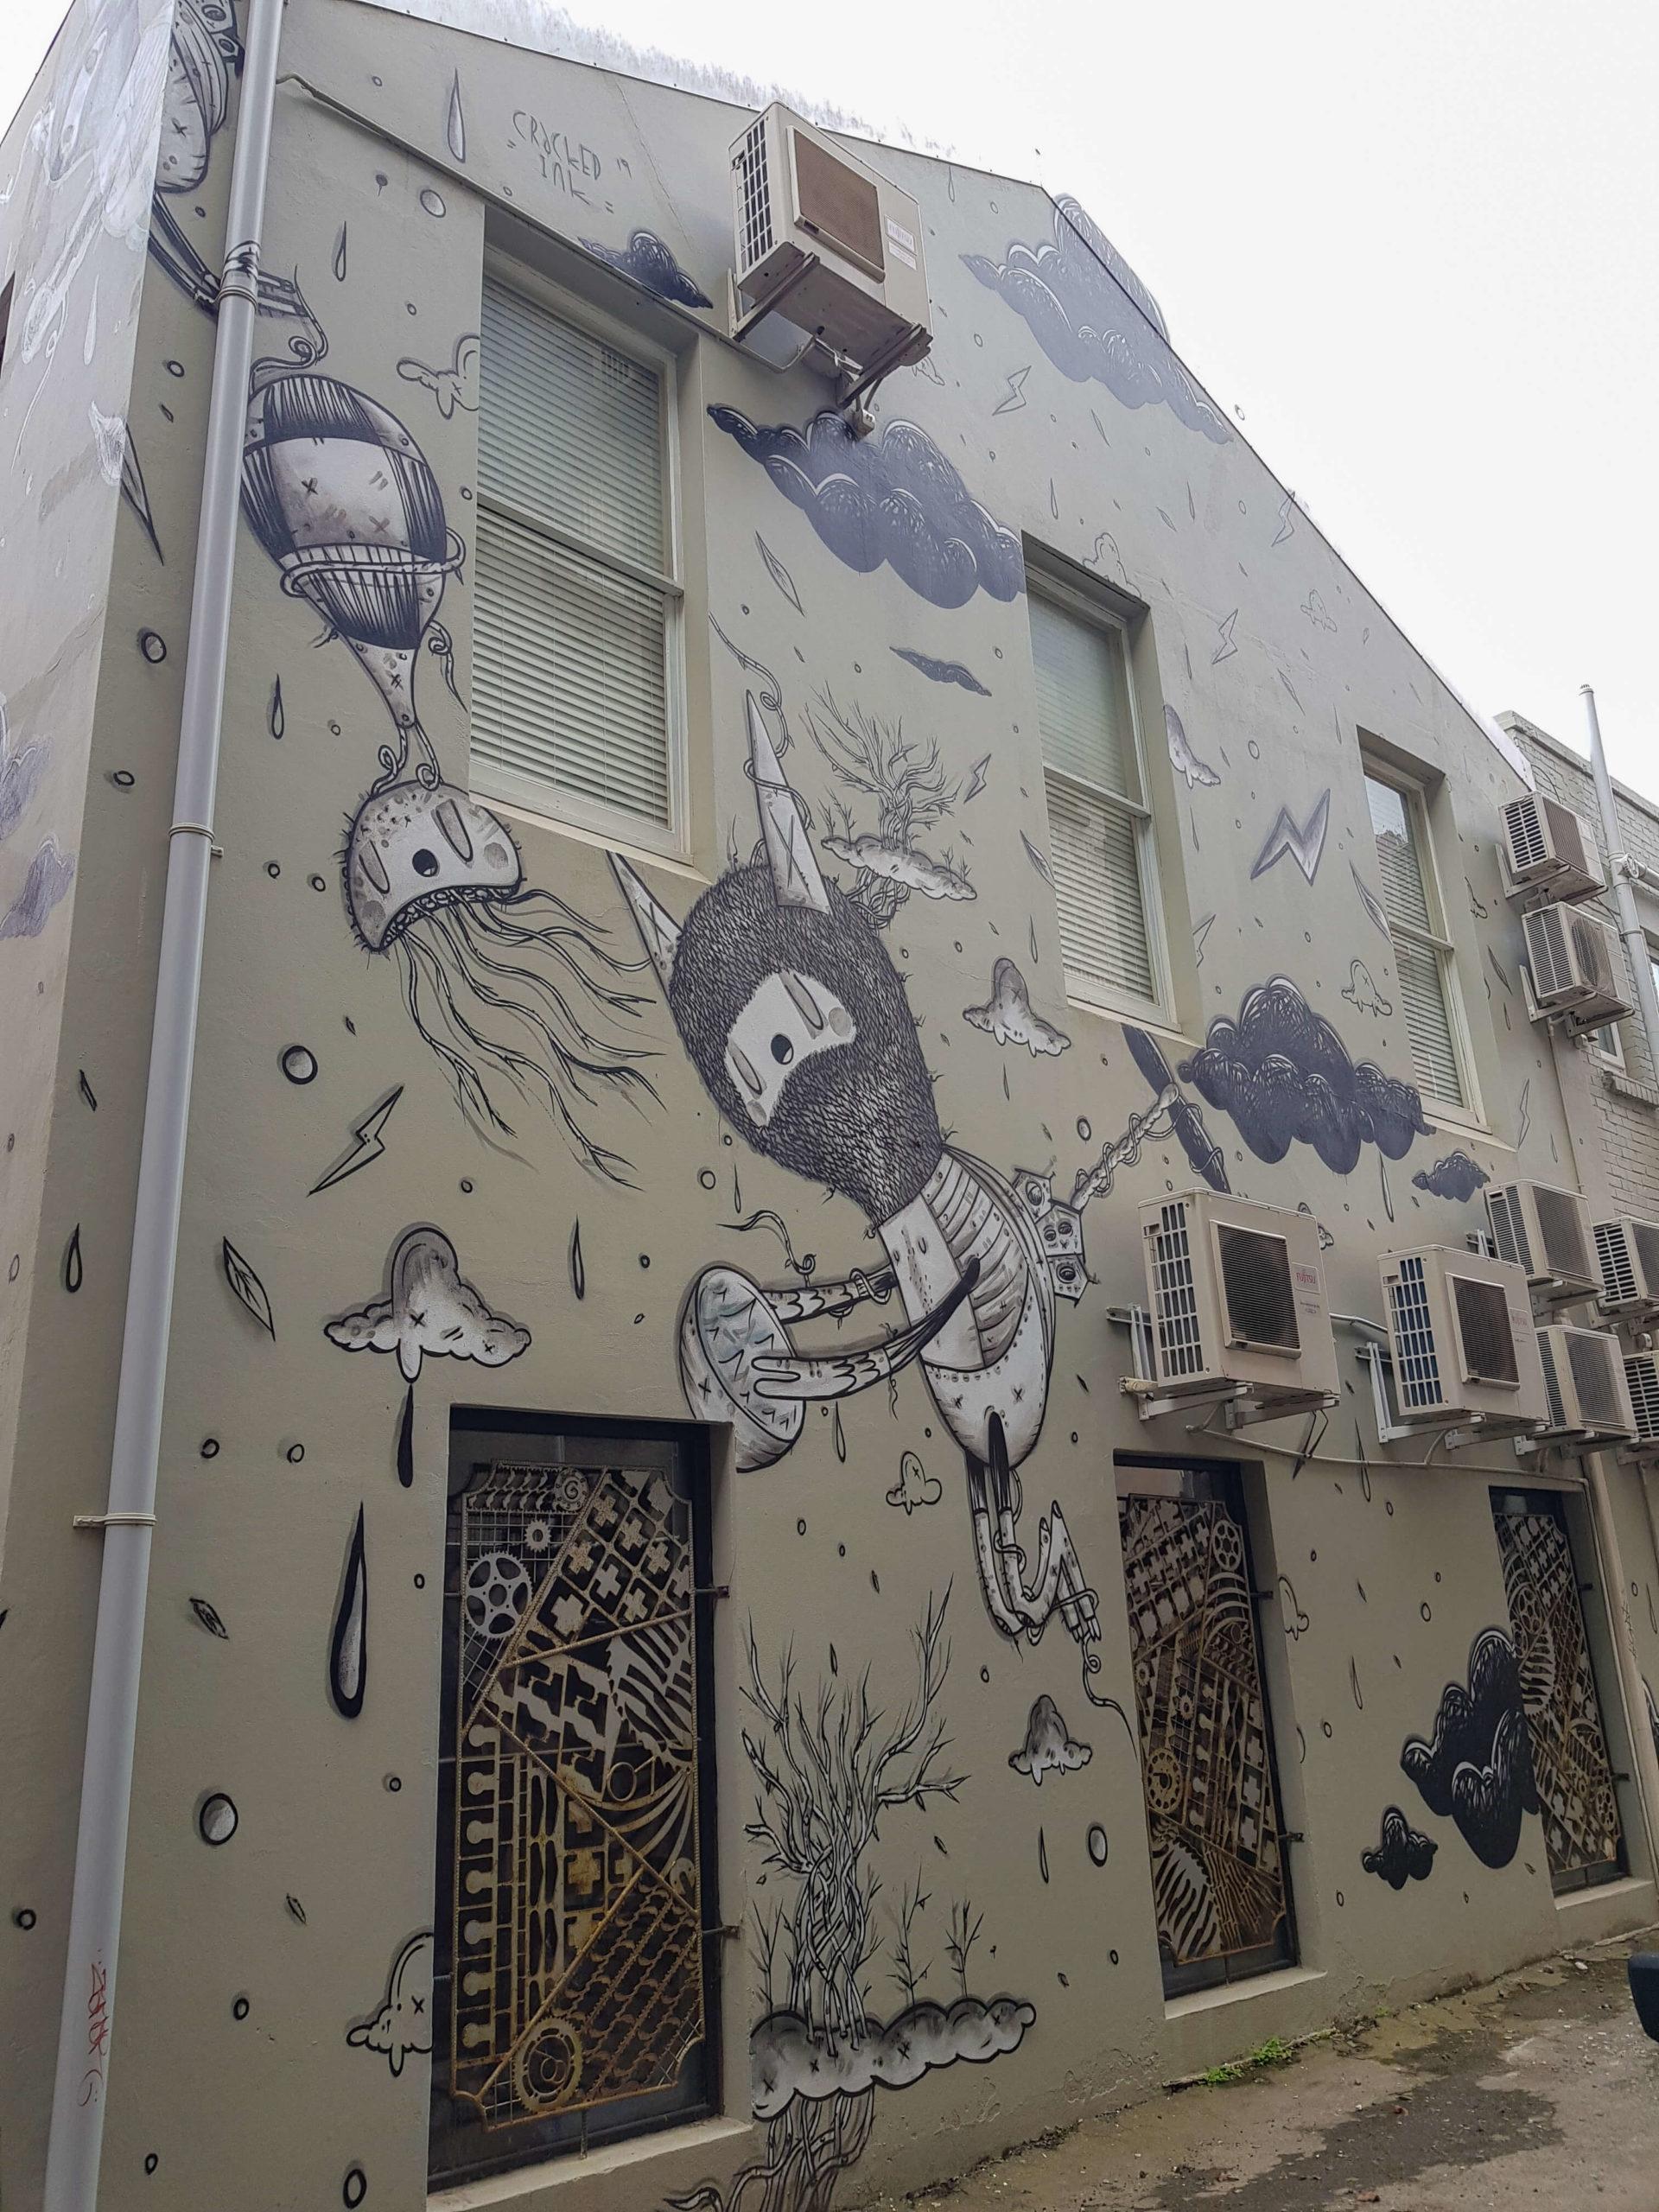 Graf street art trail Dunedin